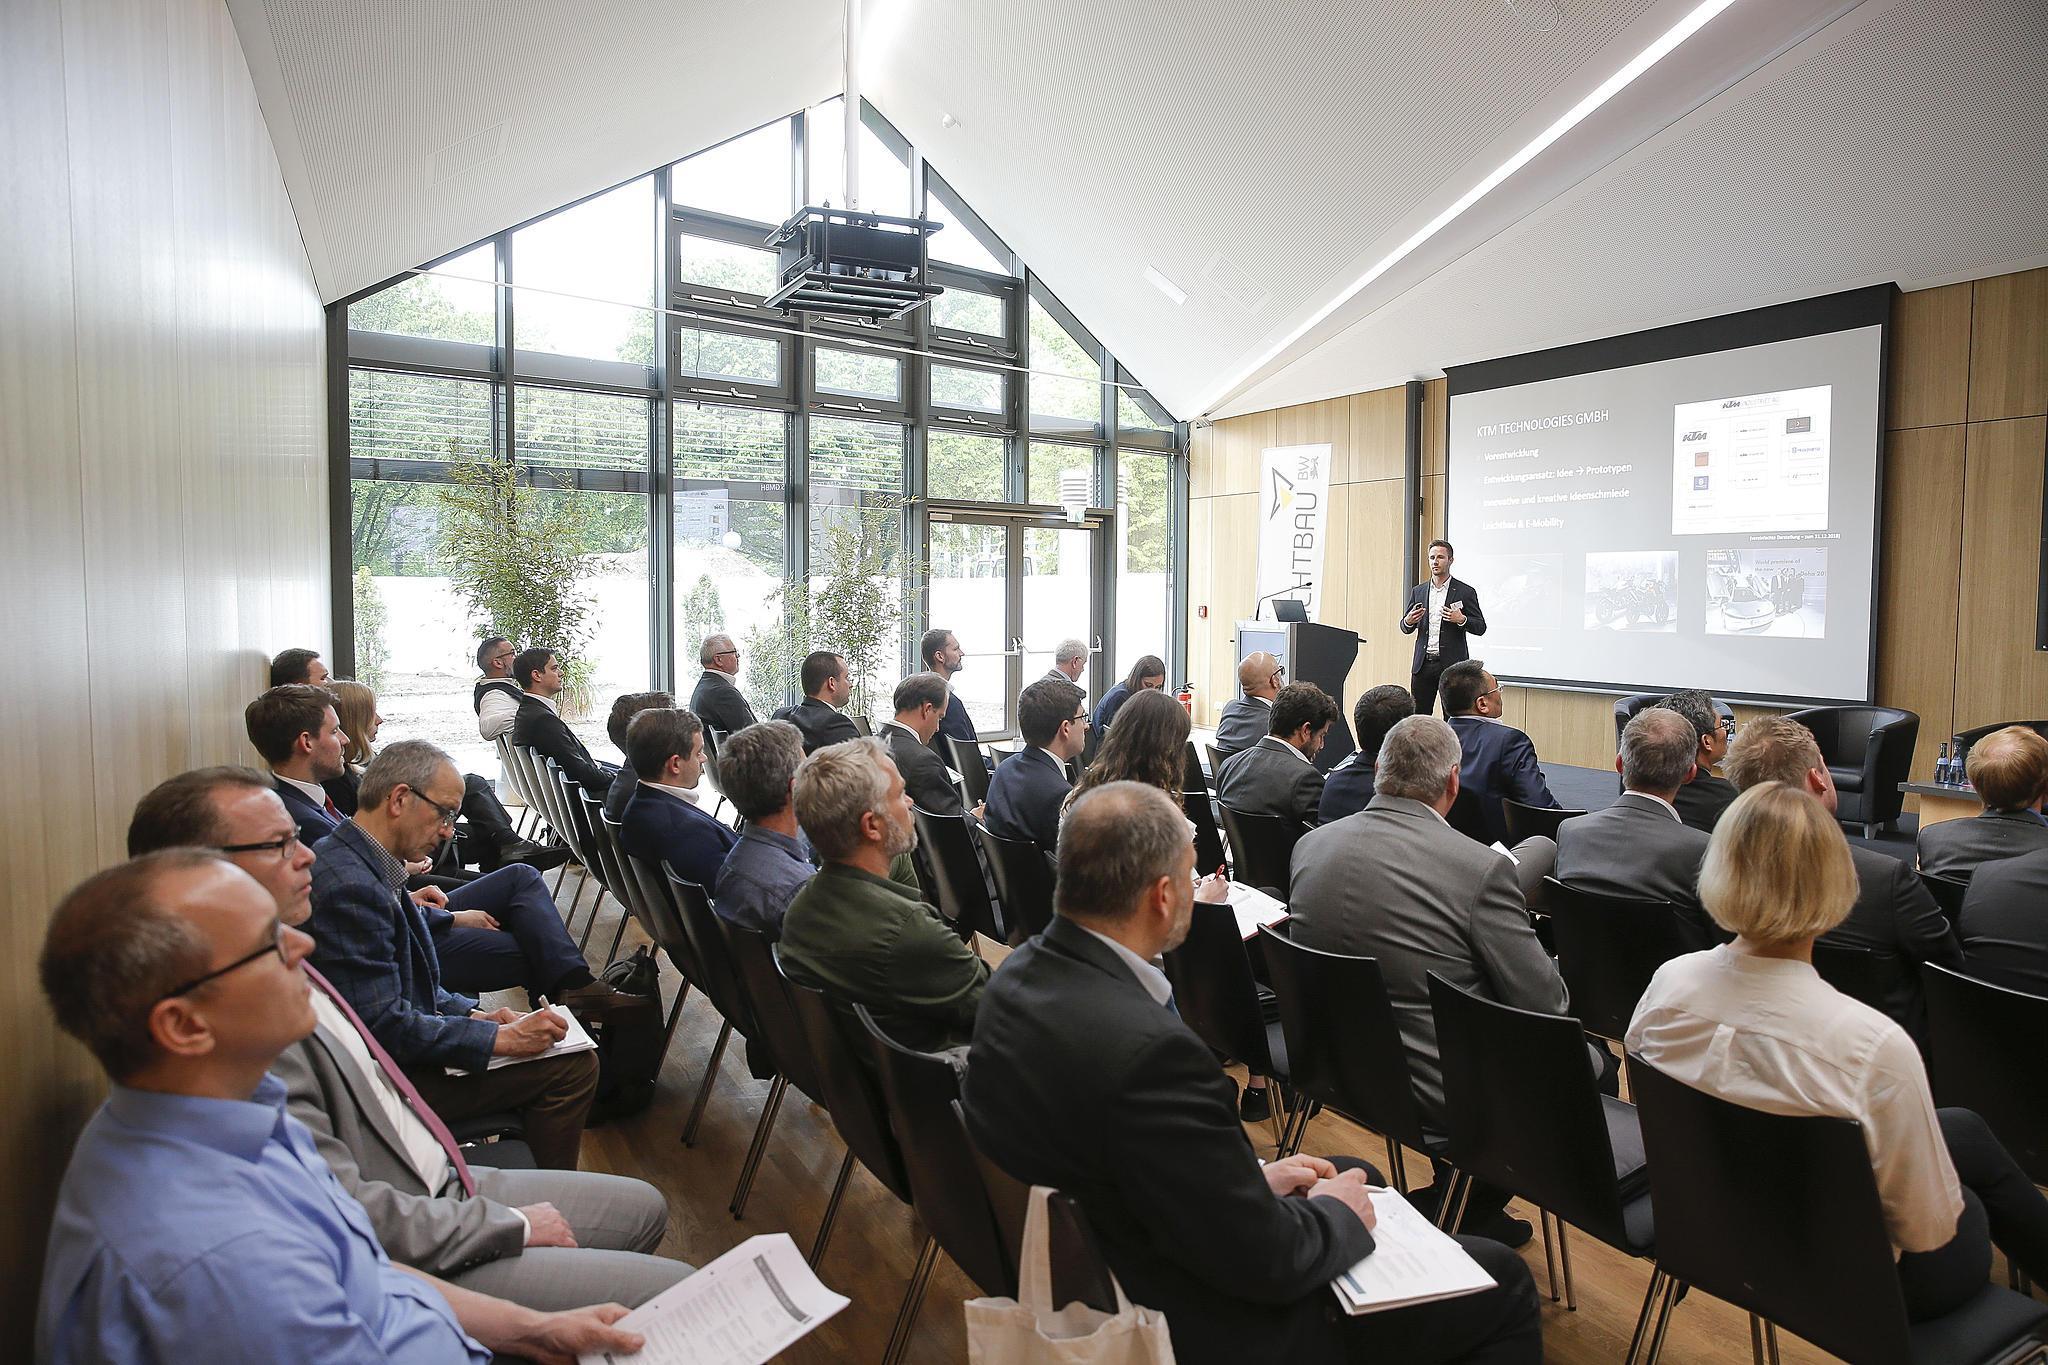 Technologietag Leichtbau erstmals als Global Lightweight Summit